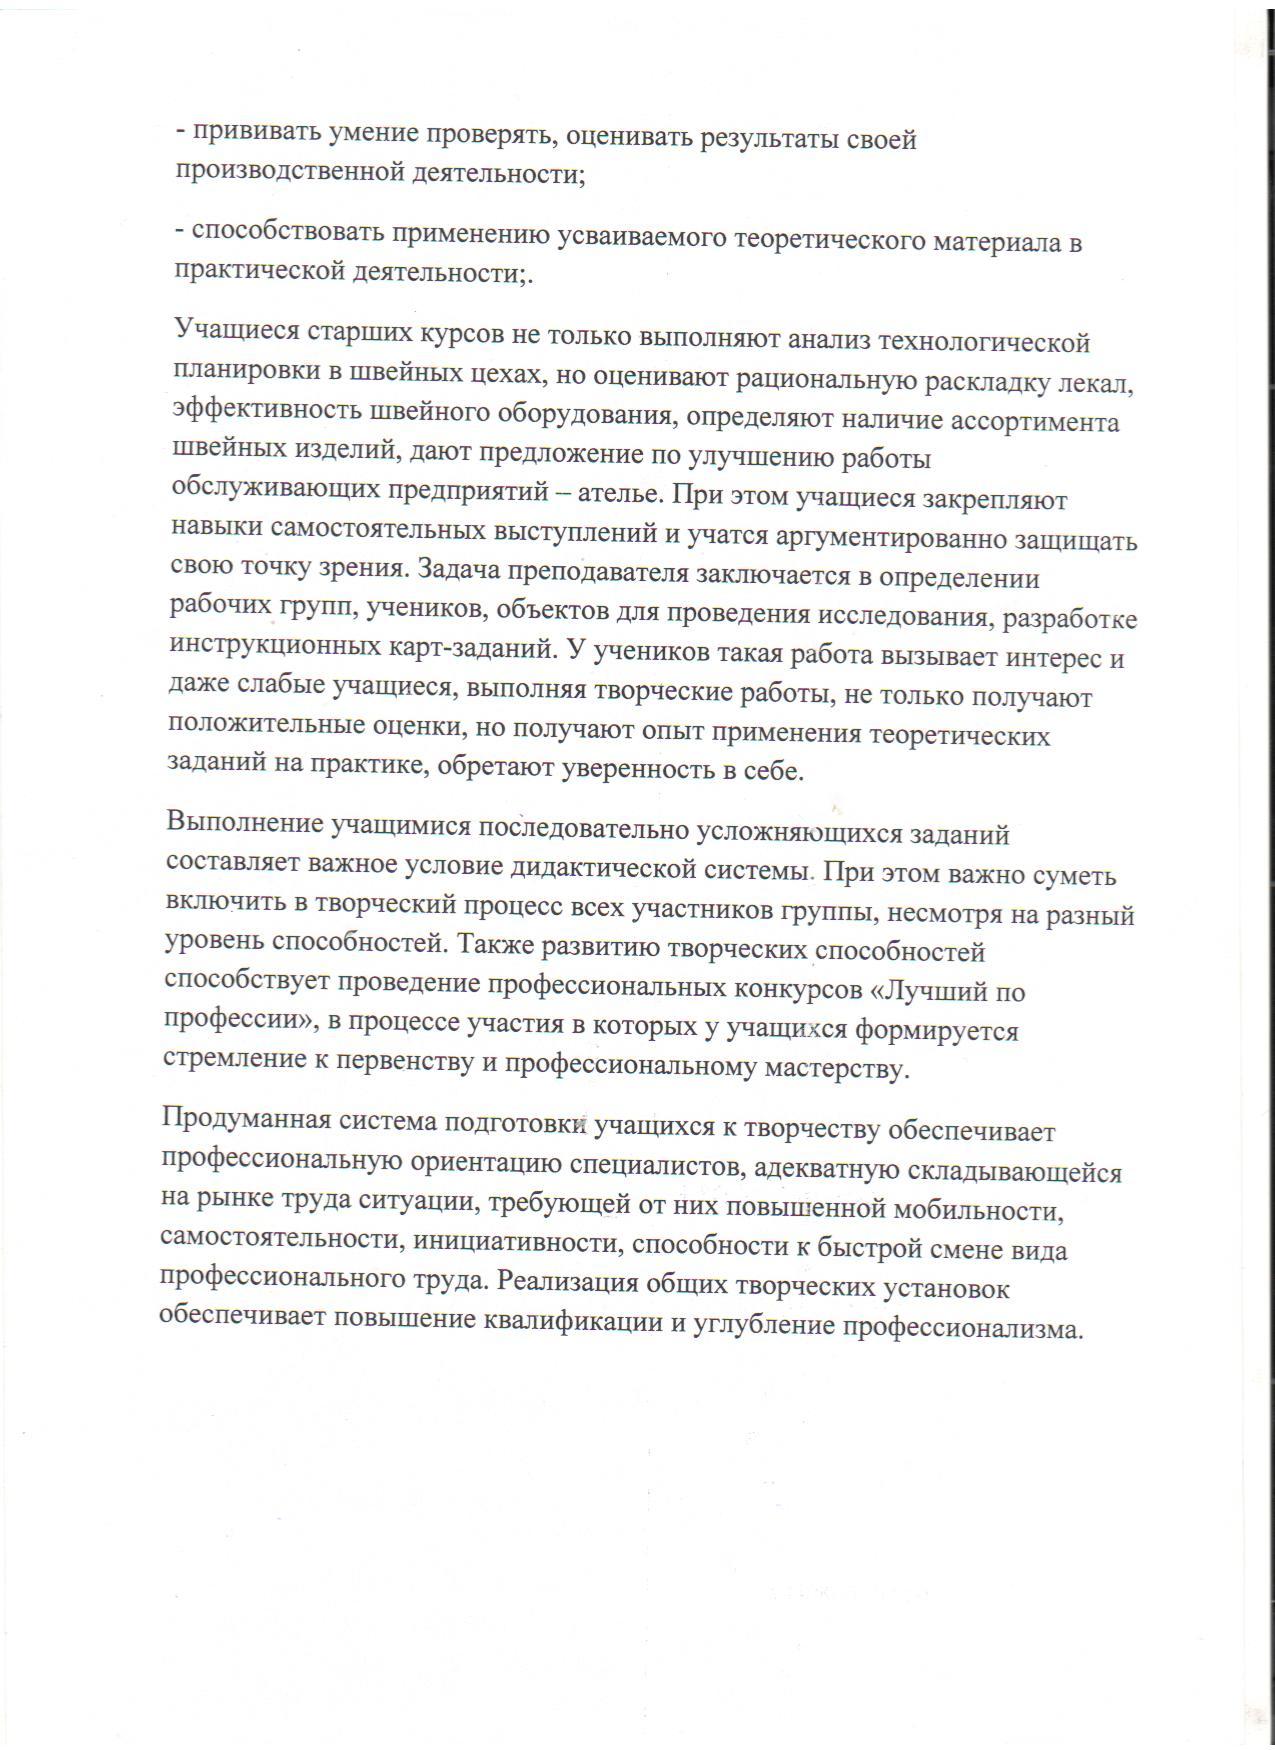 H:\СРС Сидоркин\Самостоятельная работа студентов 002.jpg